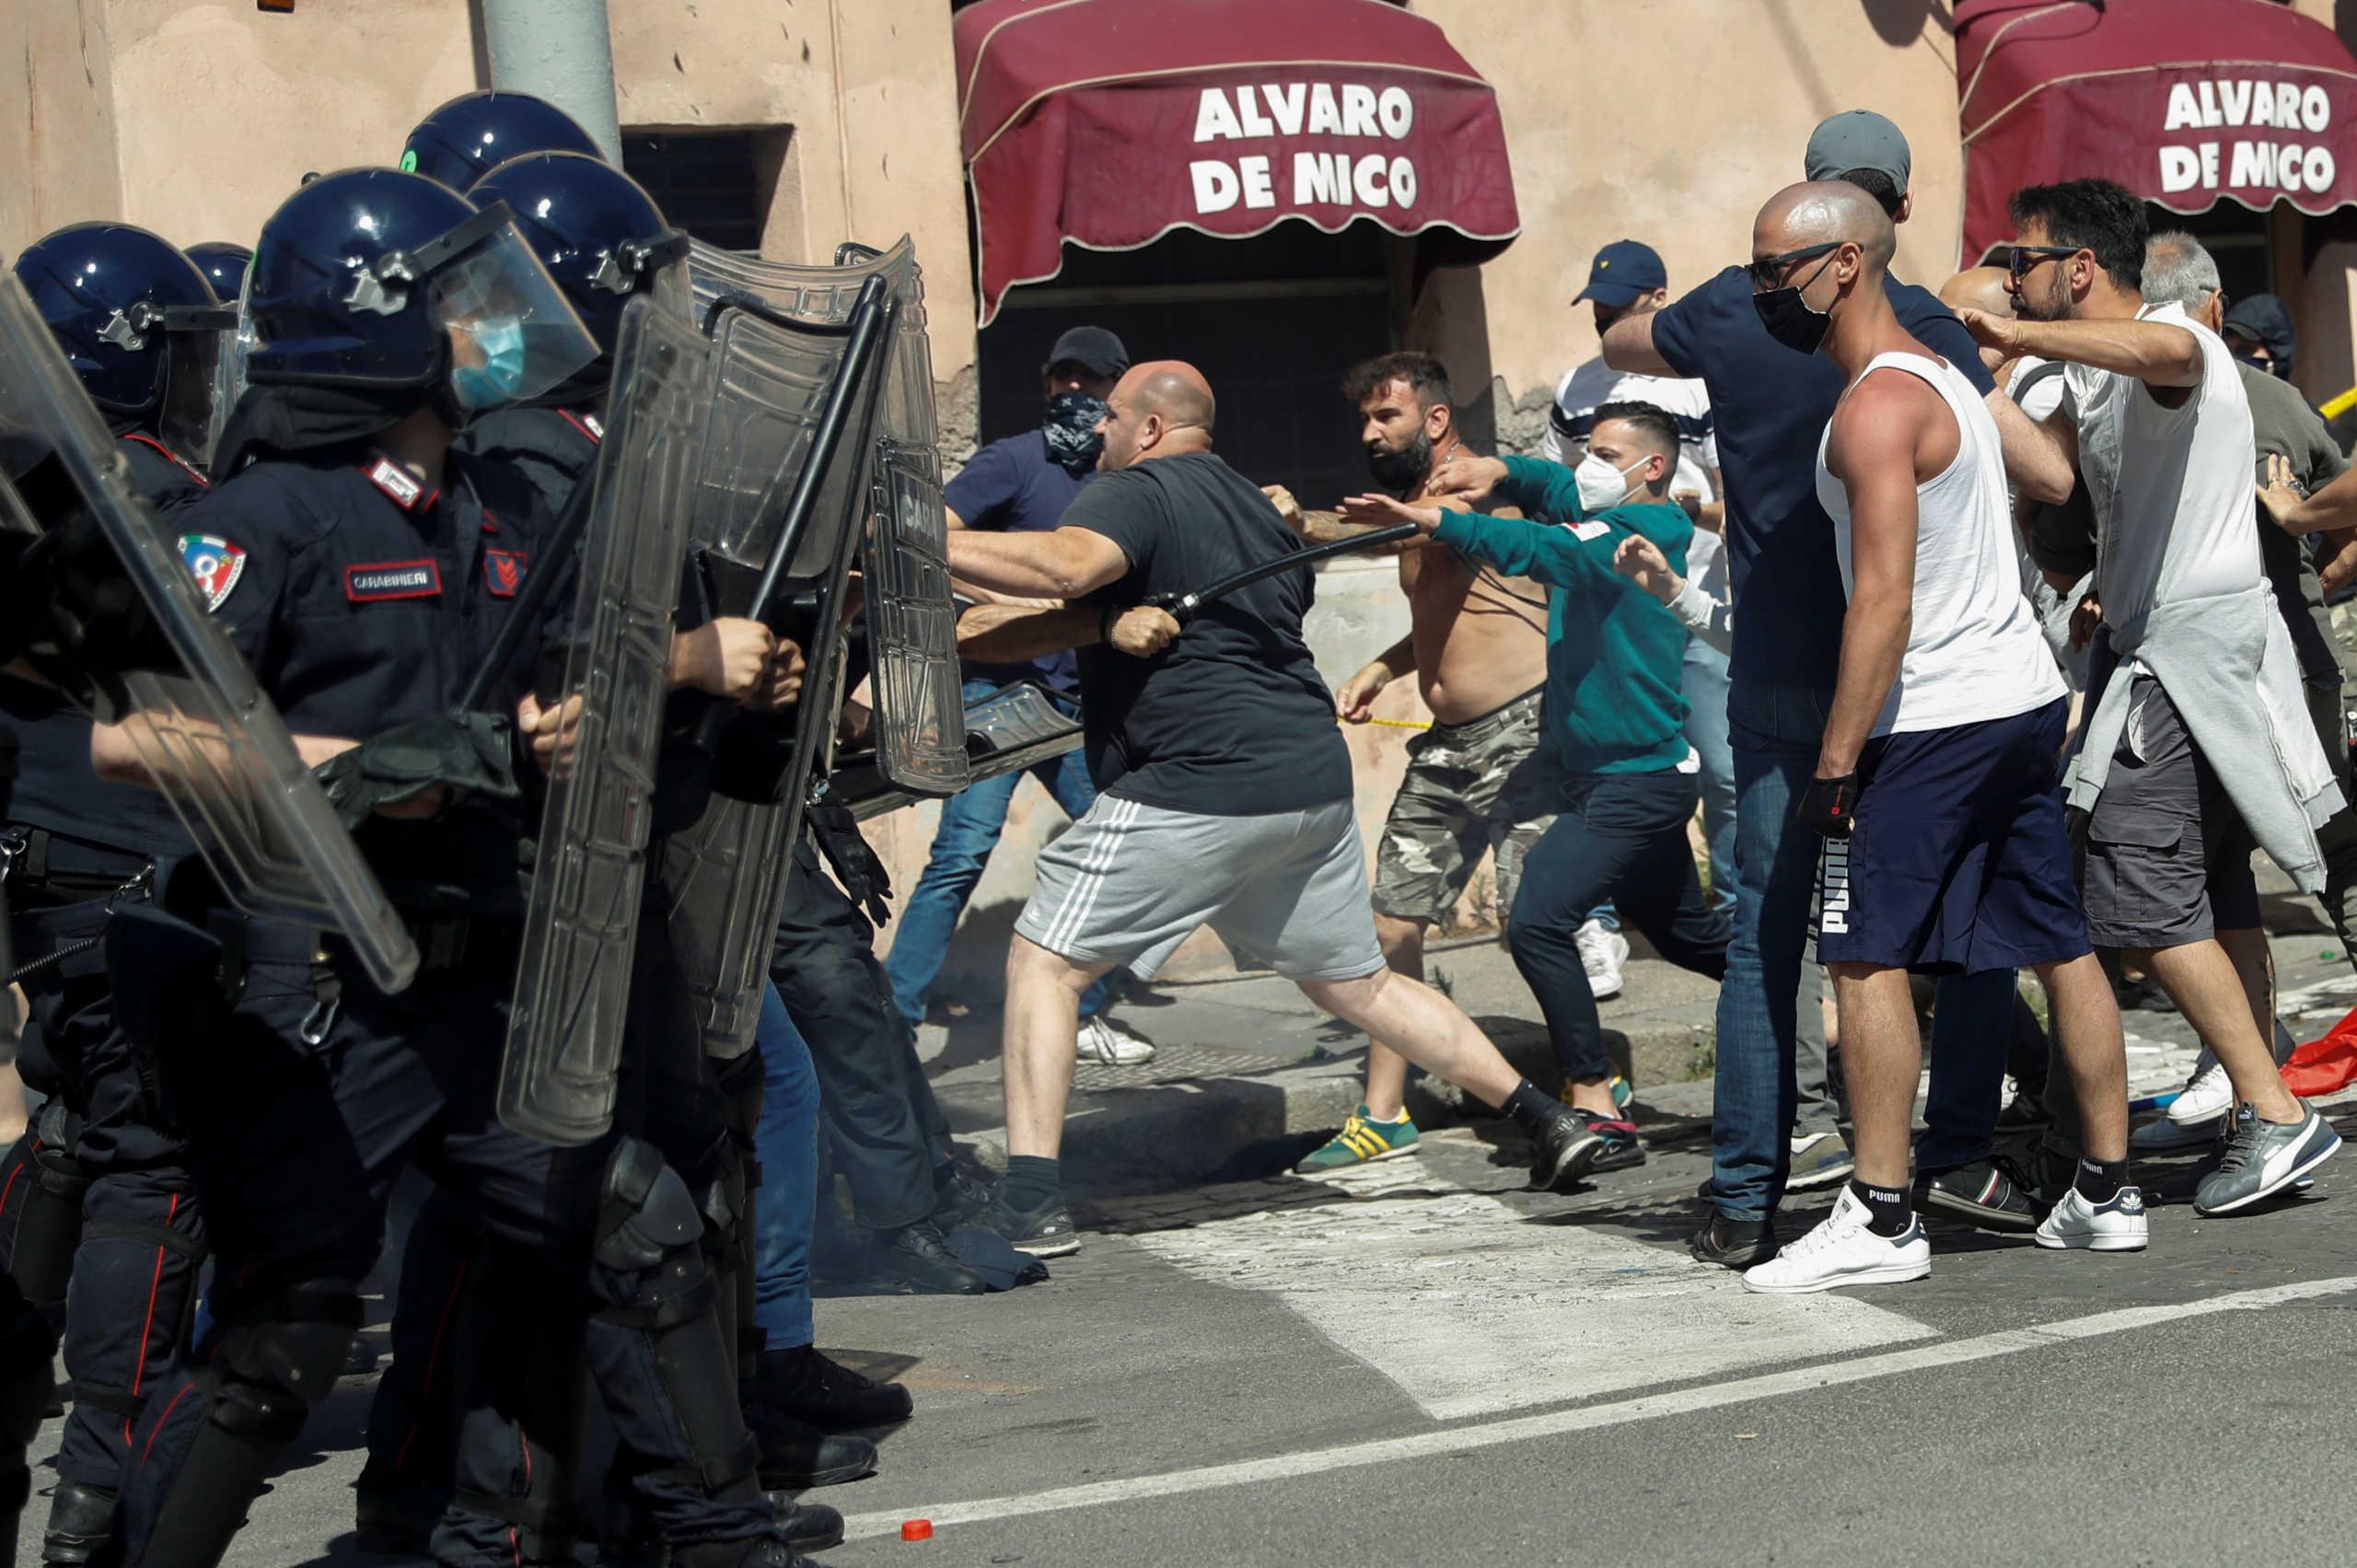 Ρώμη: Επίθεση νεοναζί σε δημοσιογράφους και αστυνομικούς! 8 τραυματίες (pics)